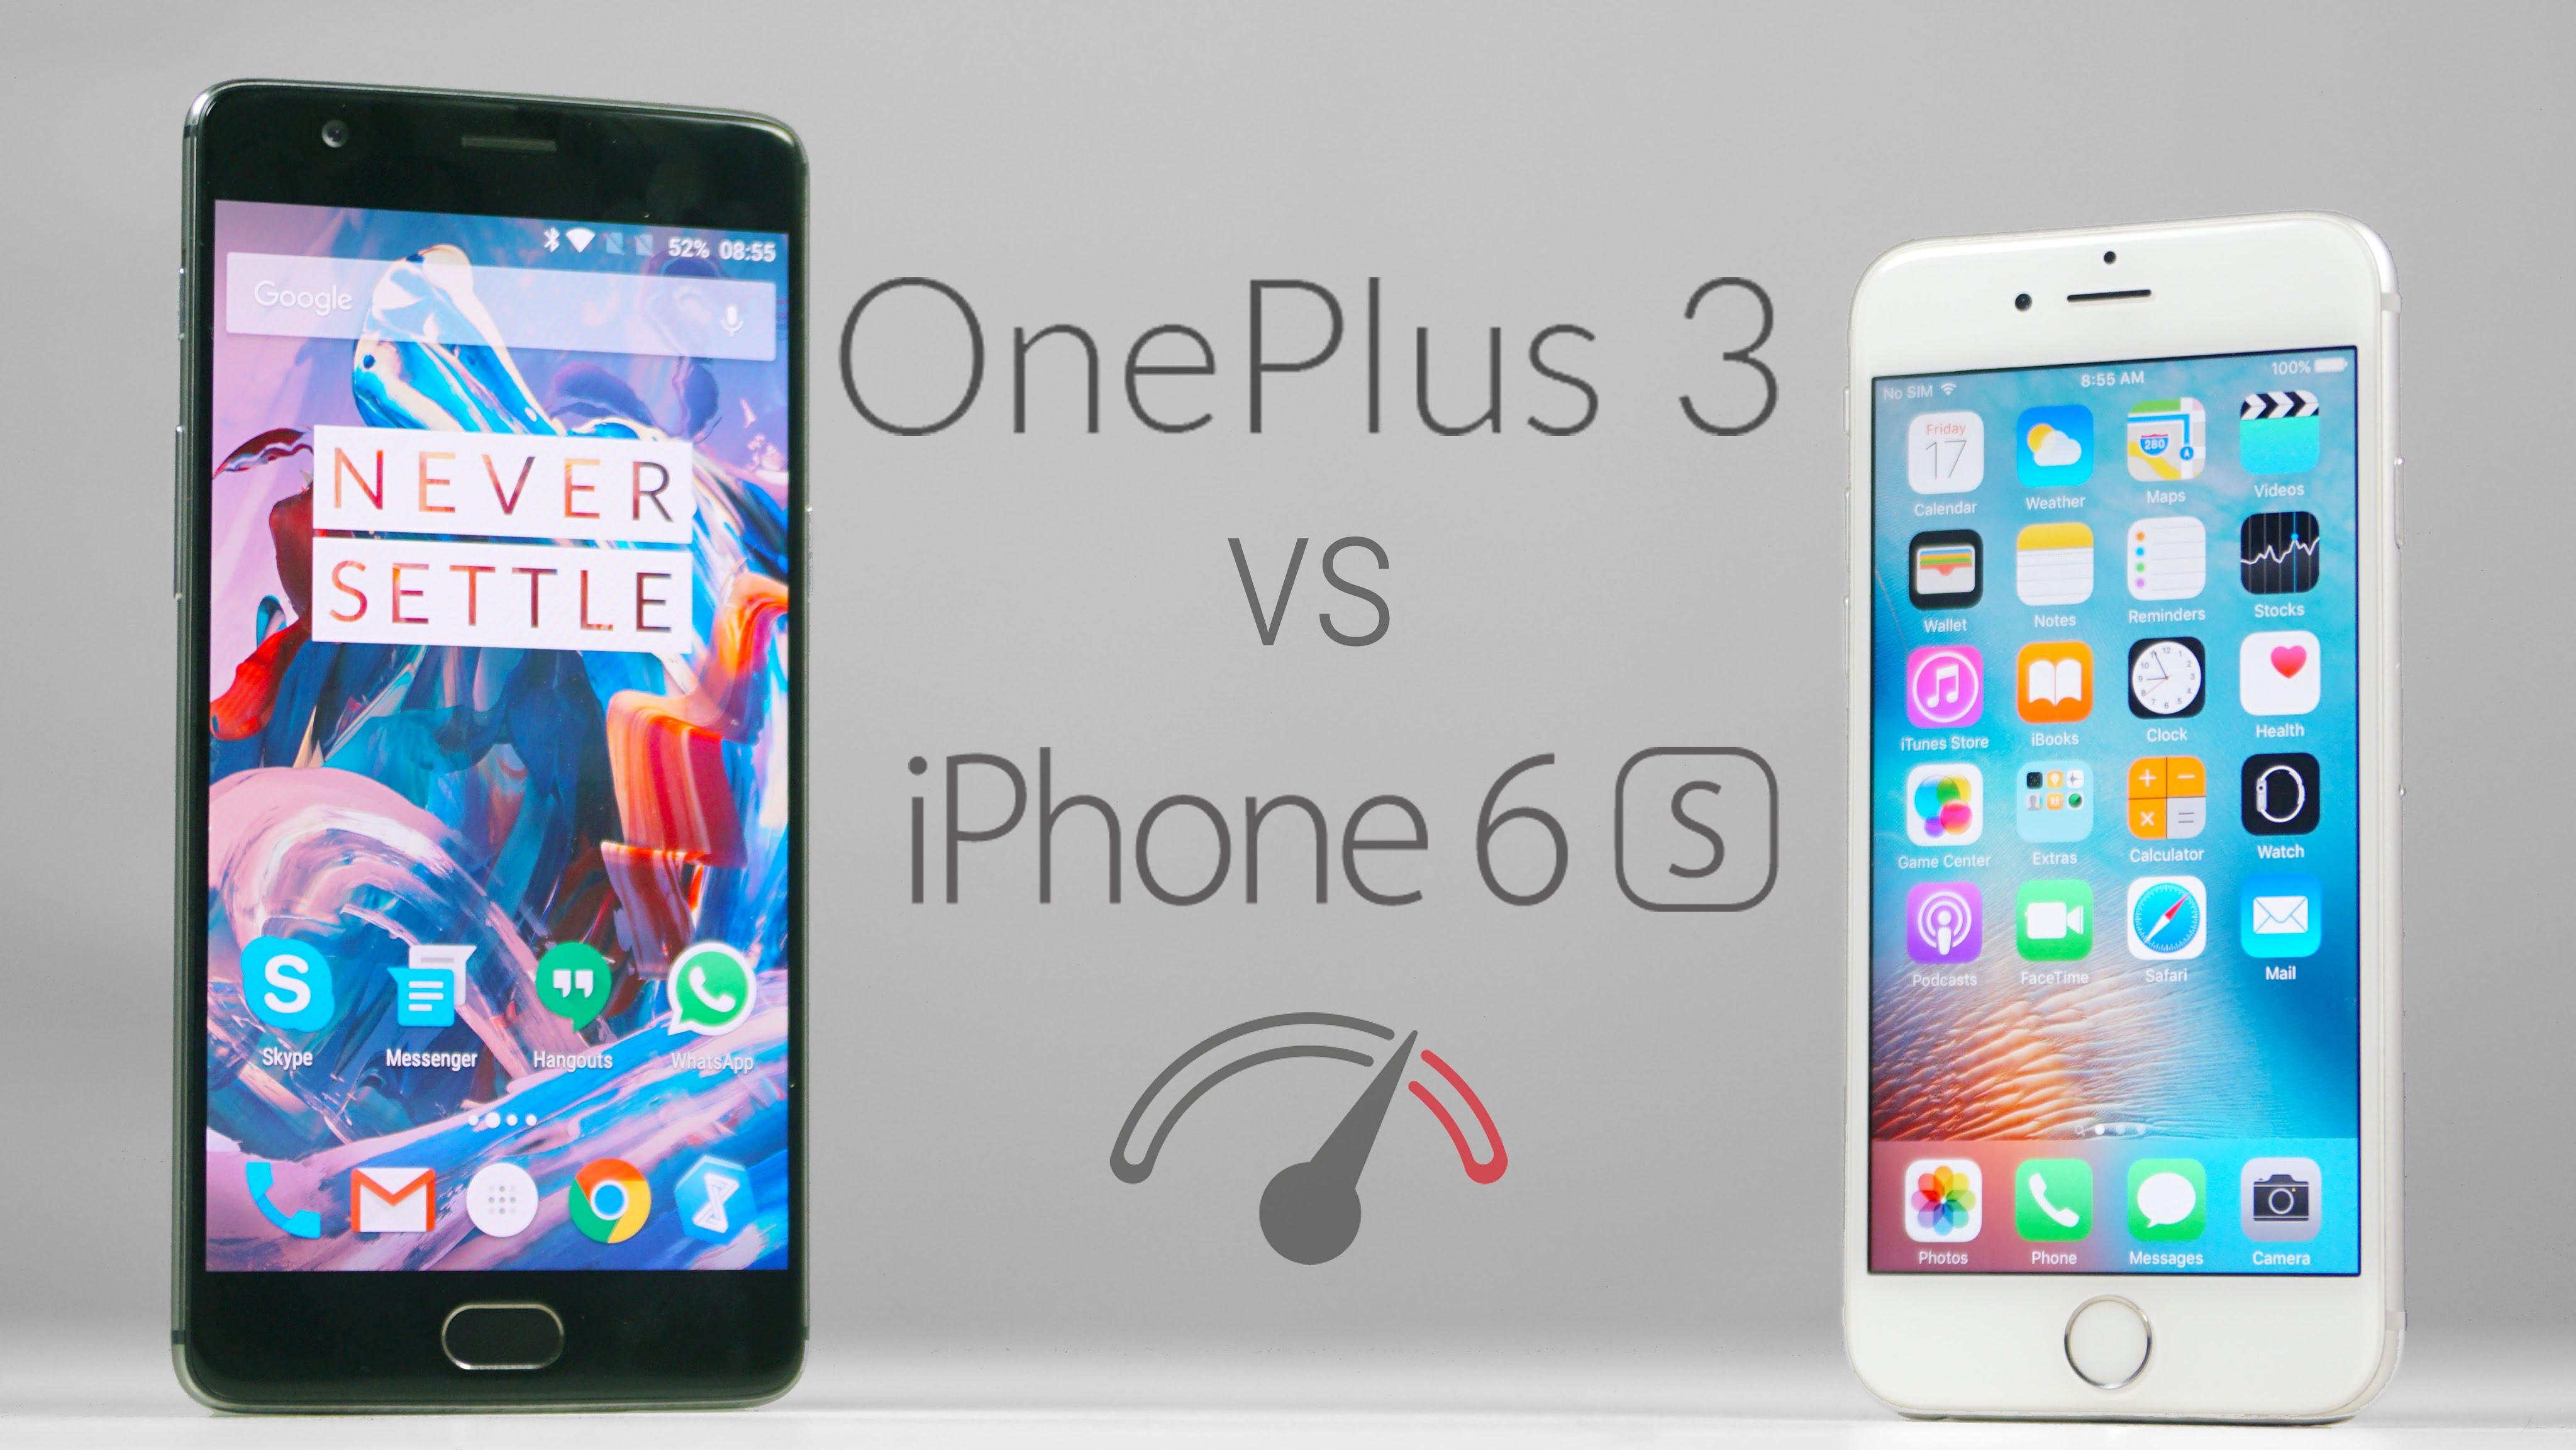 OnePlus 3 vs iPhone 6s